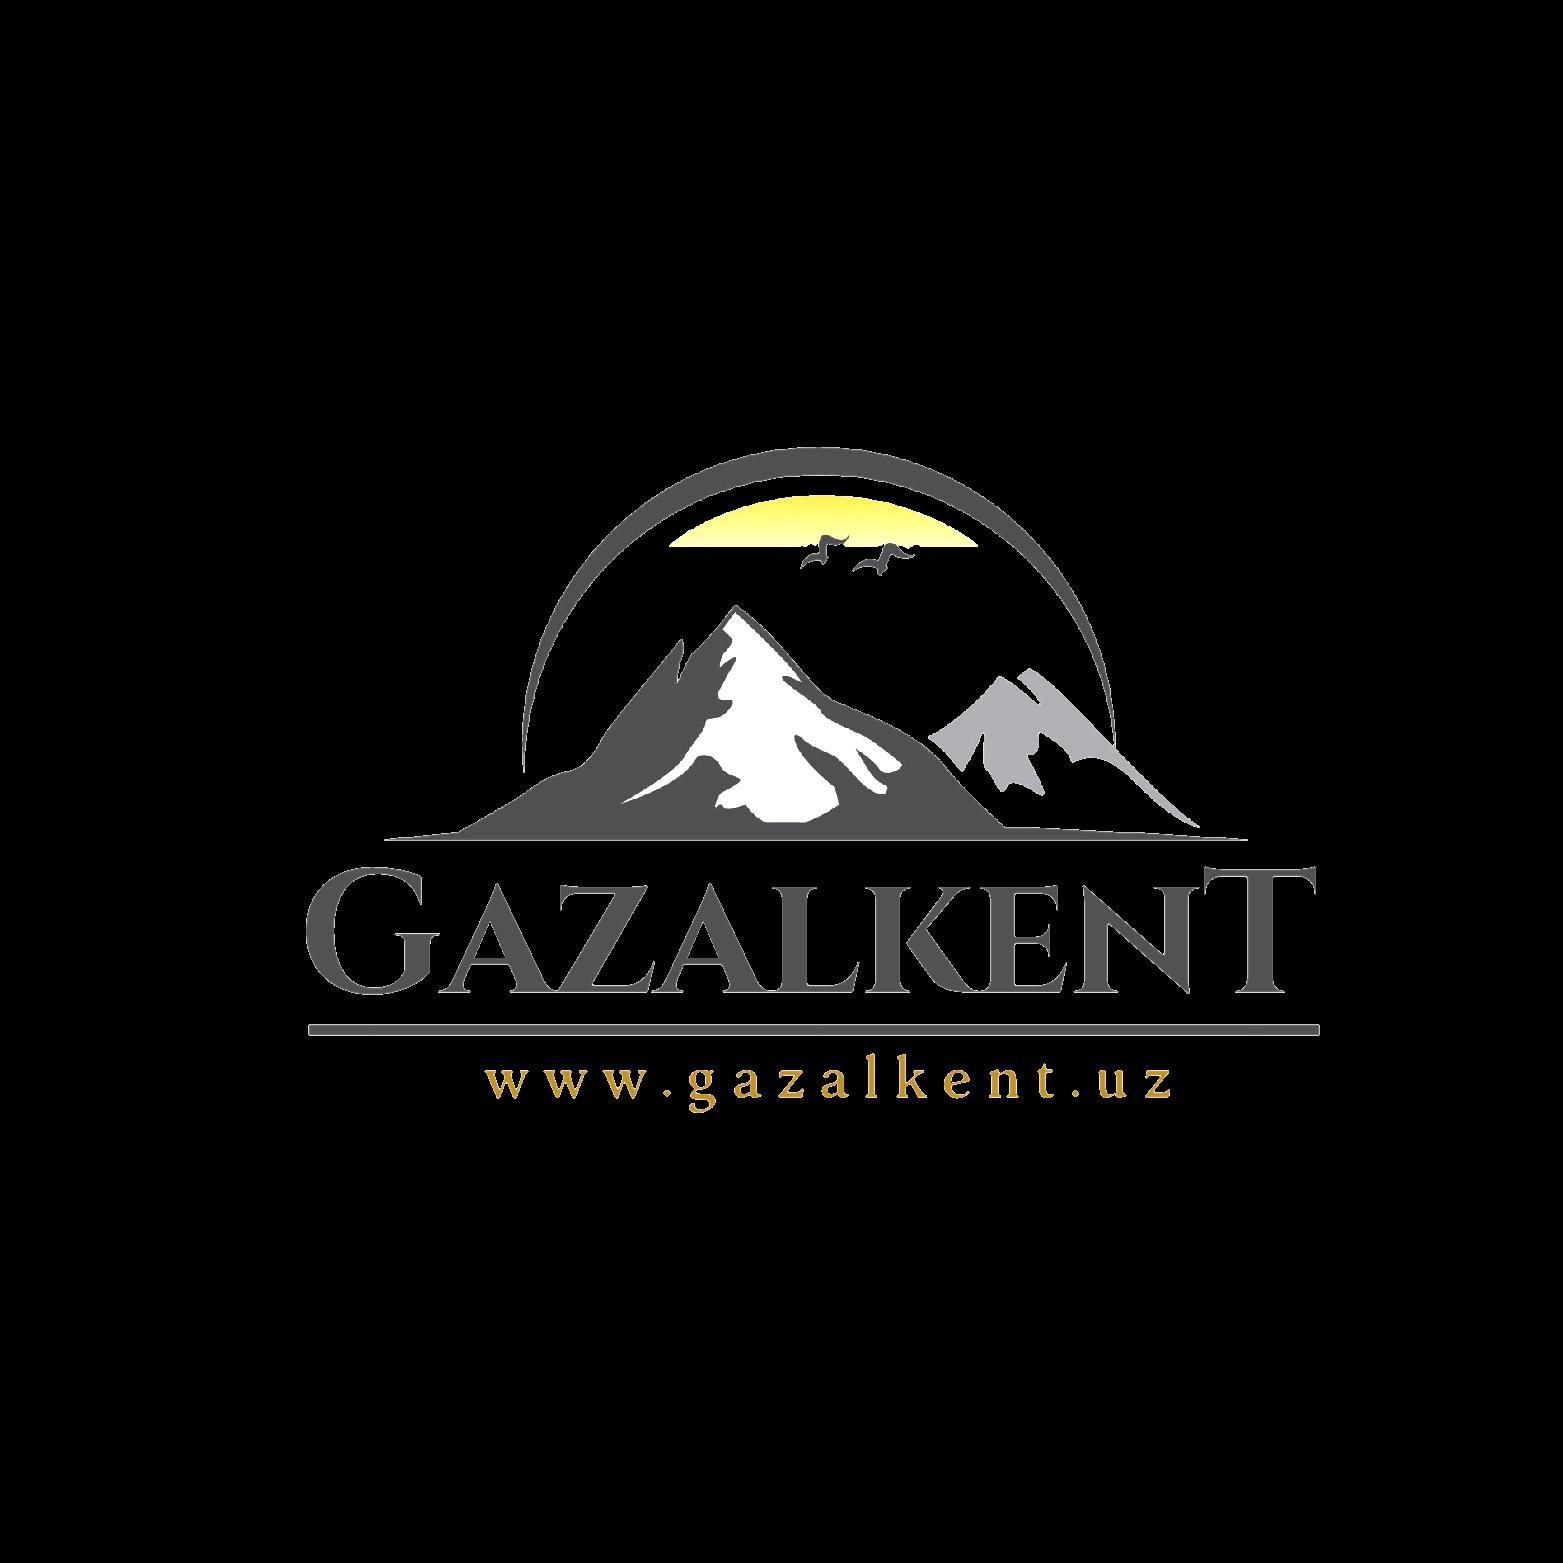 www.gazalkent.uz